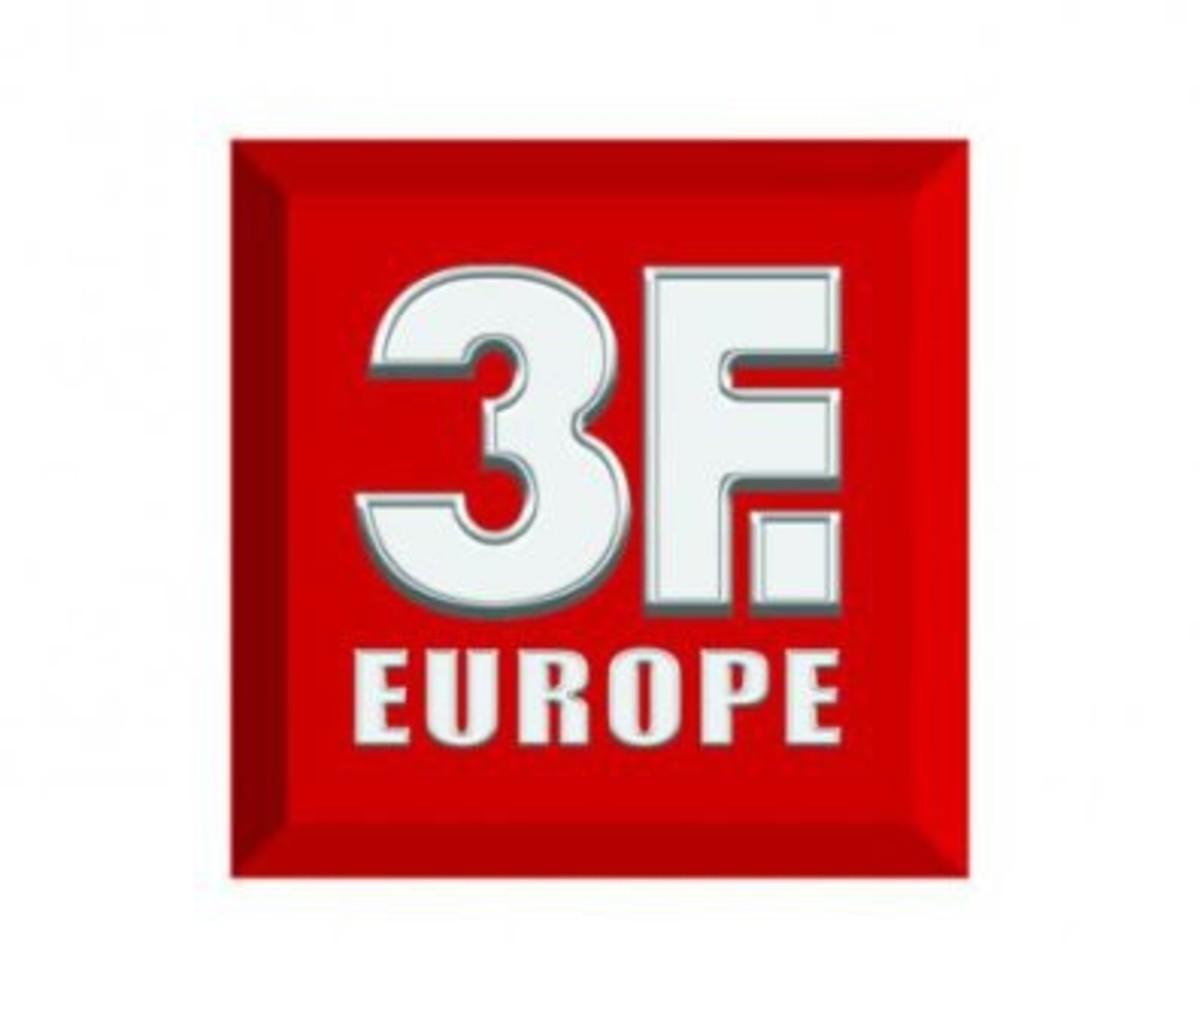 Bild 3 von 3F Lederetui (Rindleder) 3-tlg. mit Druckknopf braun